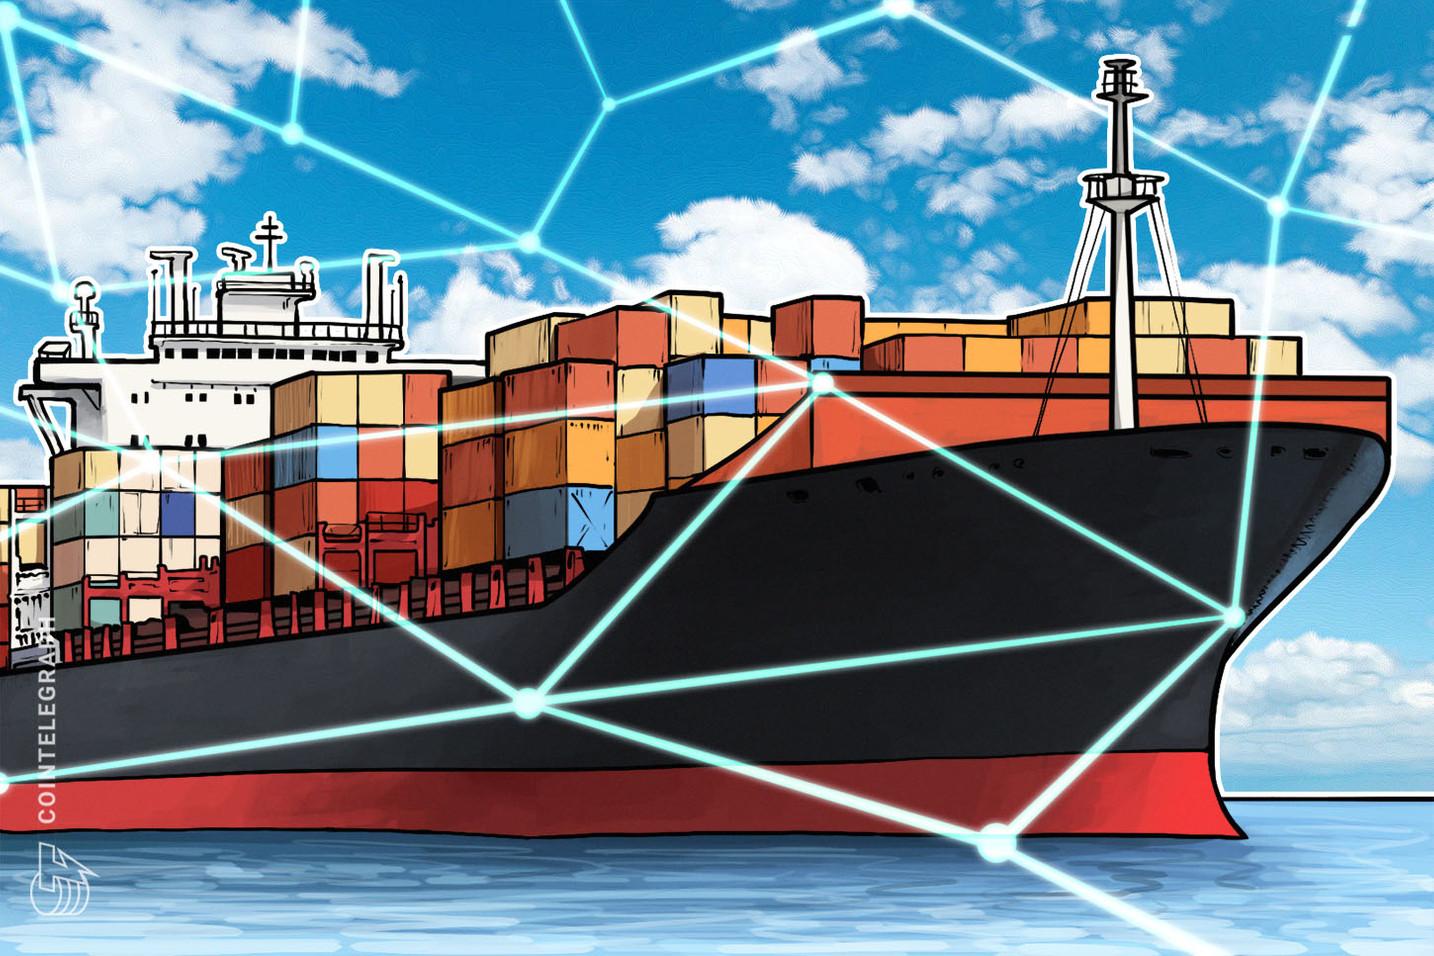 電気自動車大手テスラや中国大手海運企業、ブロックチェーンのパイロットプロジェクト実施